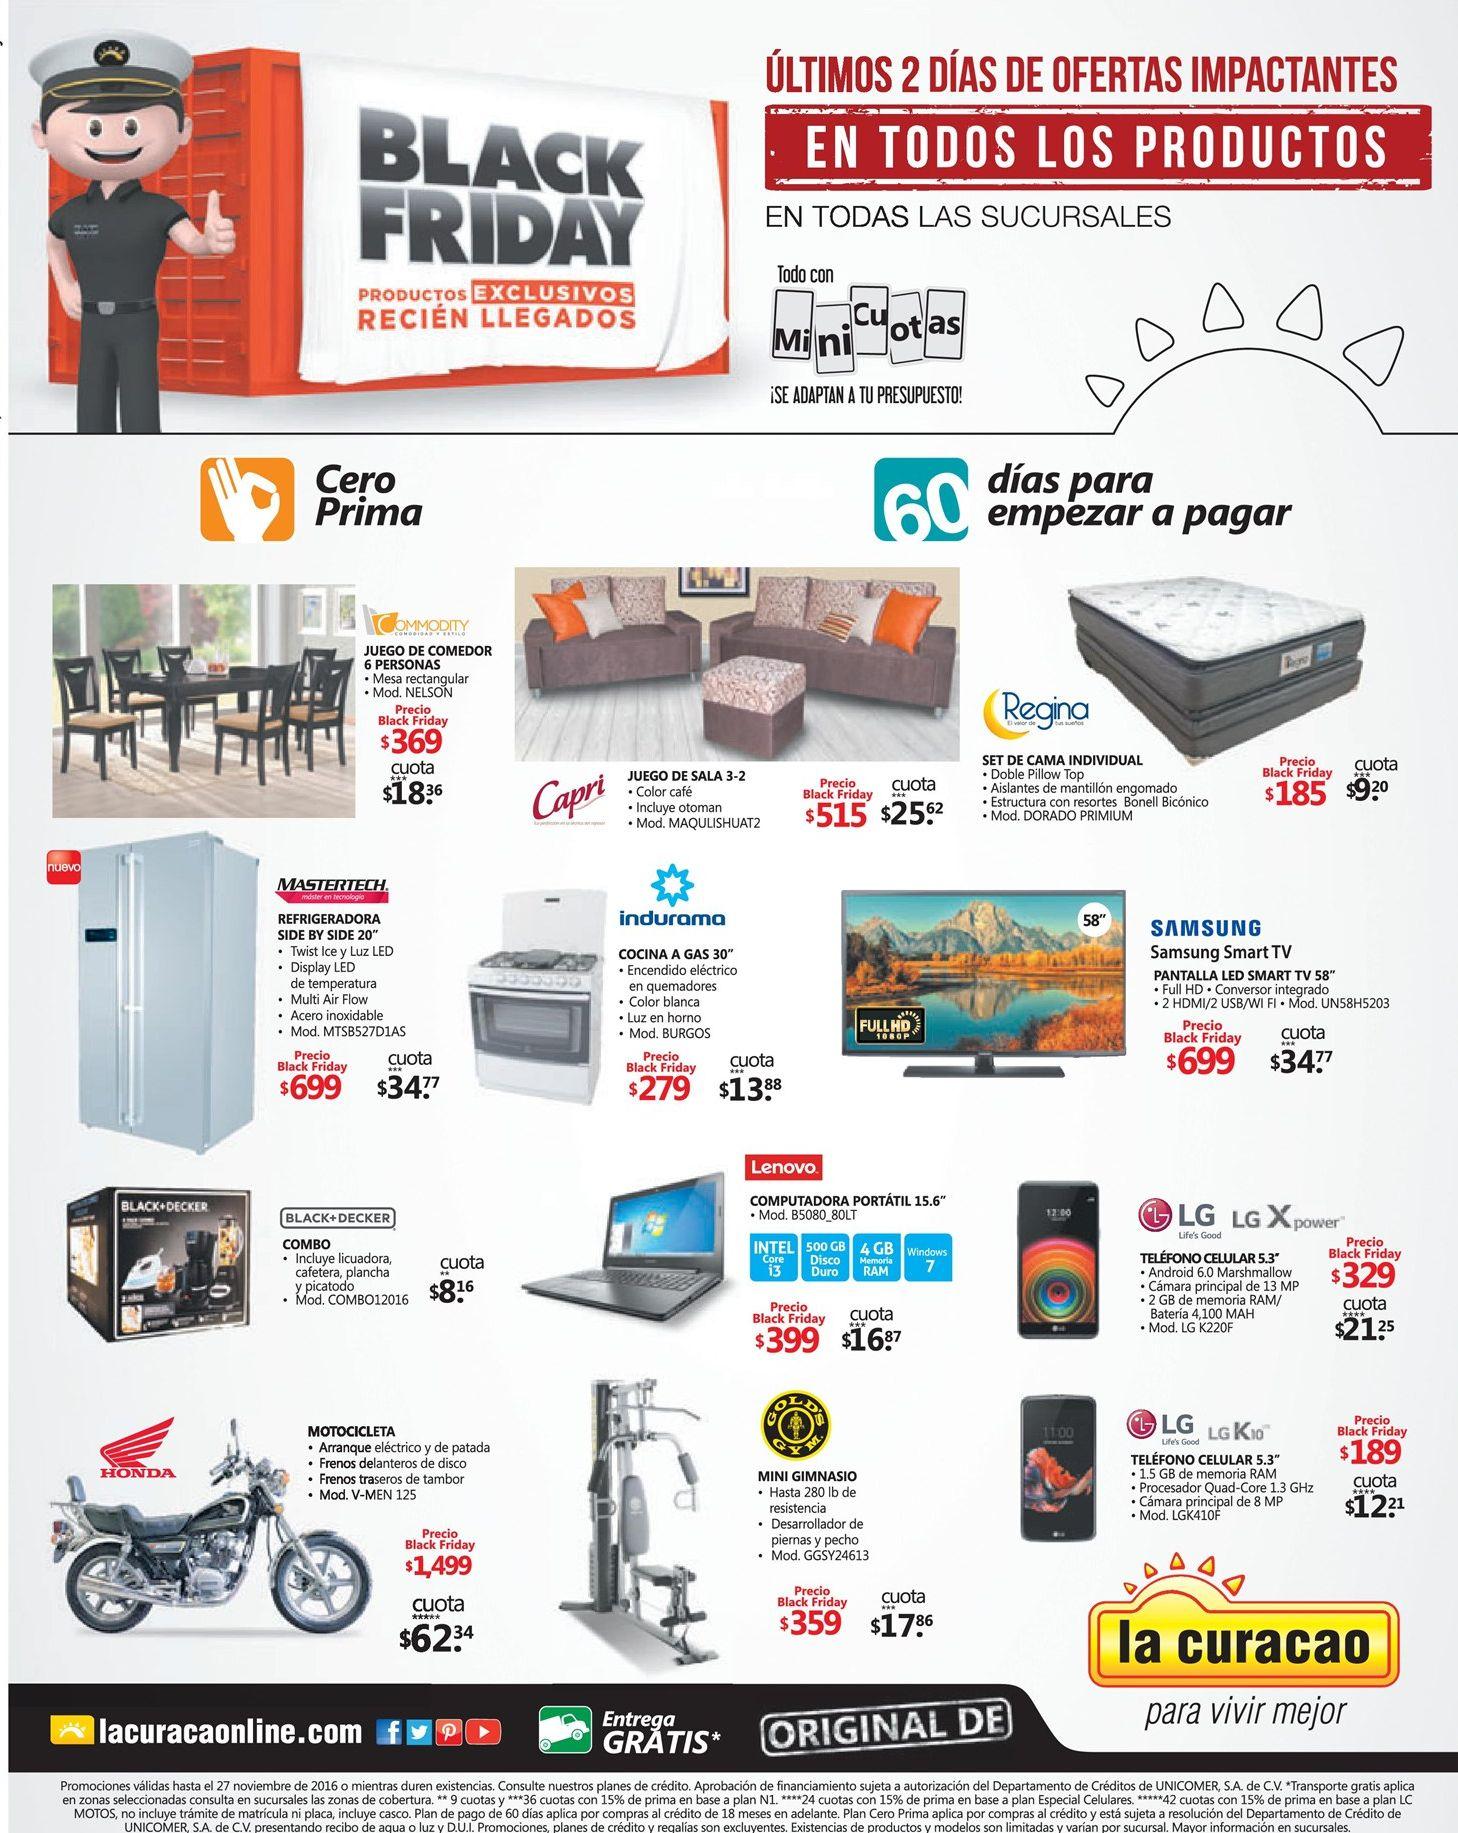 ultimos-dos-dias-de-ofertas-blackfriday-en-almacenes-la-curacao-26nov16